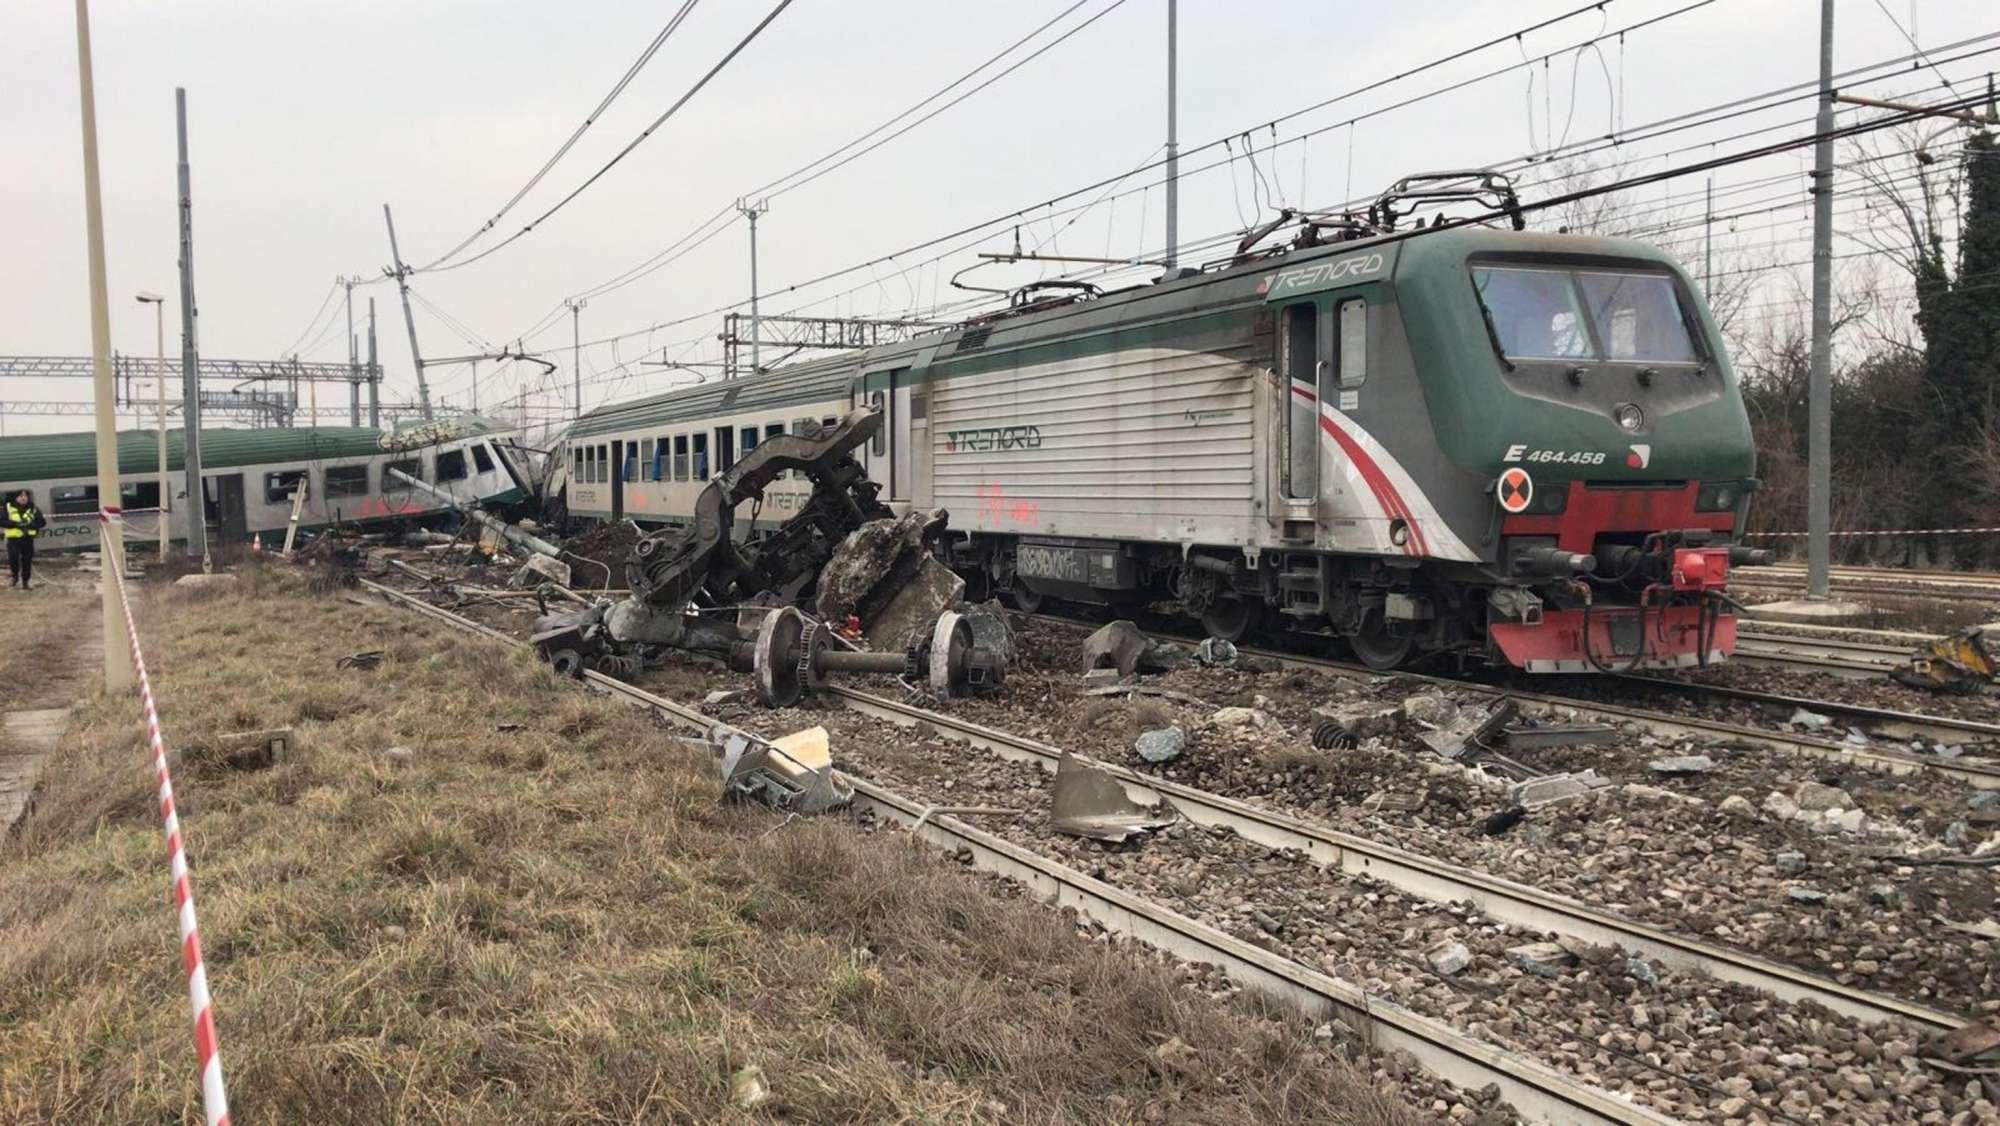 Deragliamento treno, i tecnici al lavoro: sotto accusa i binari